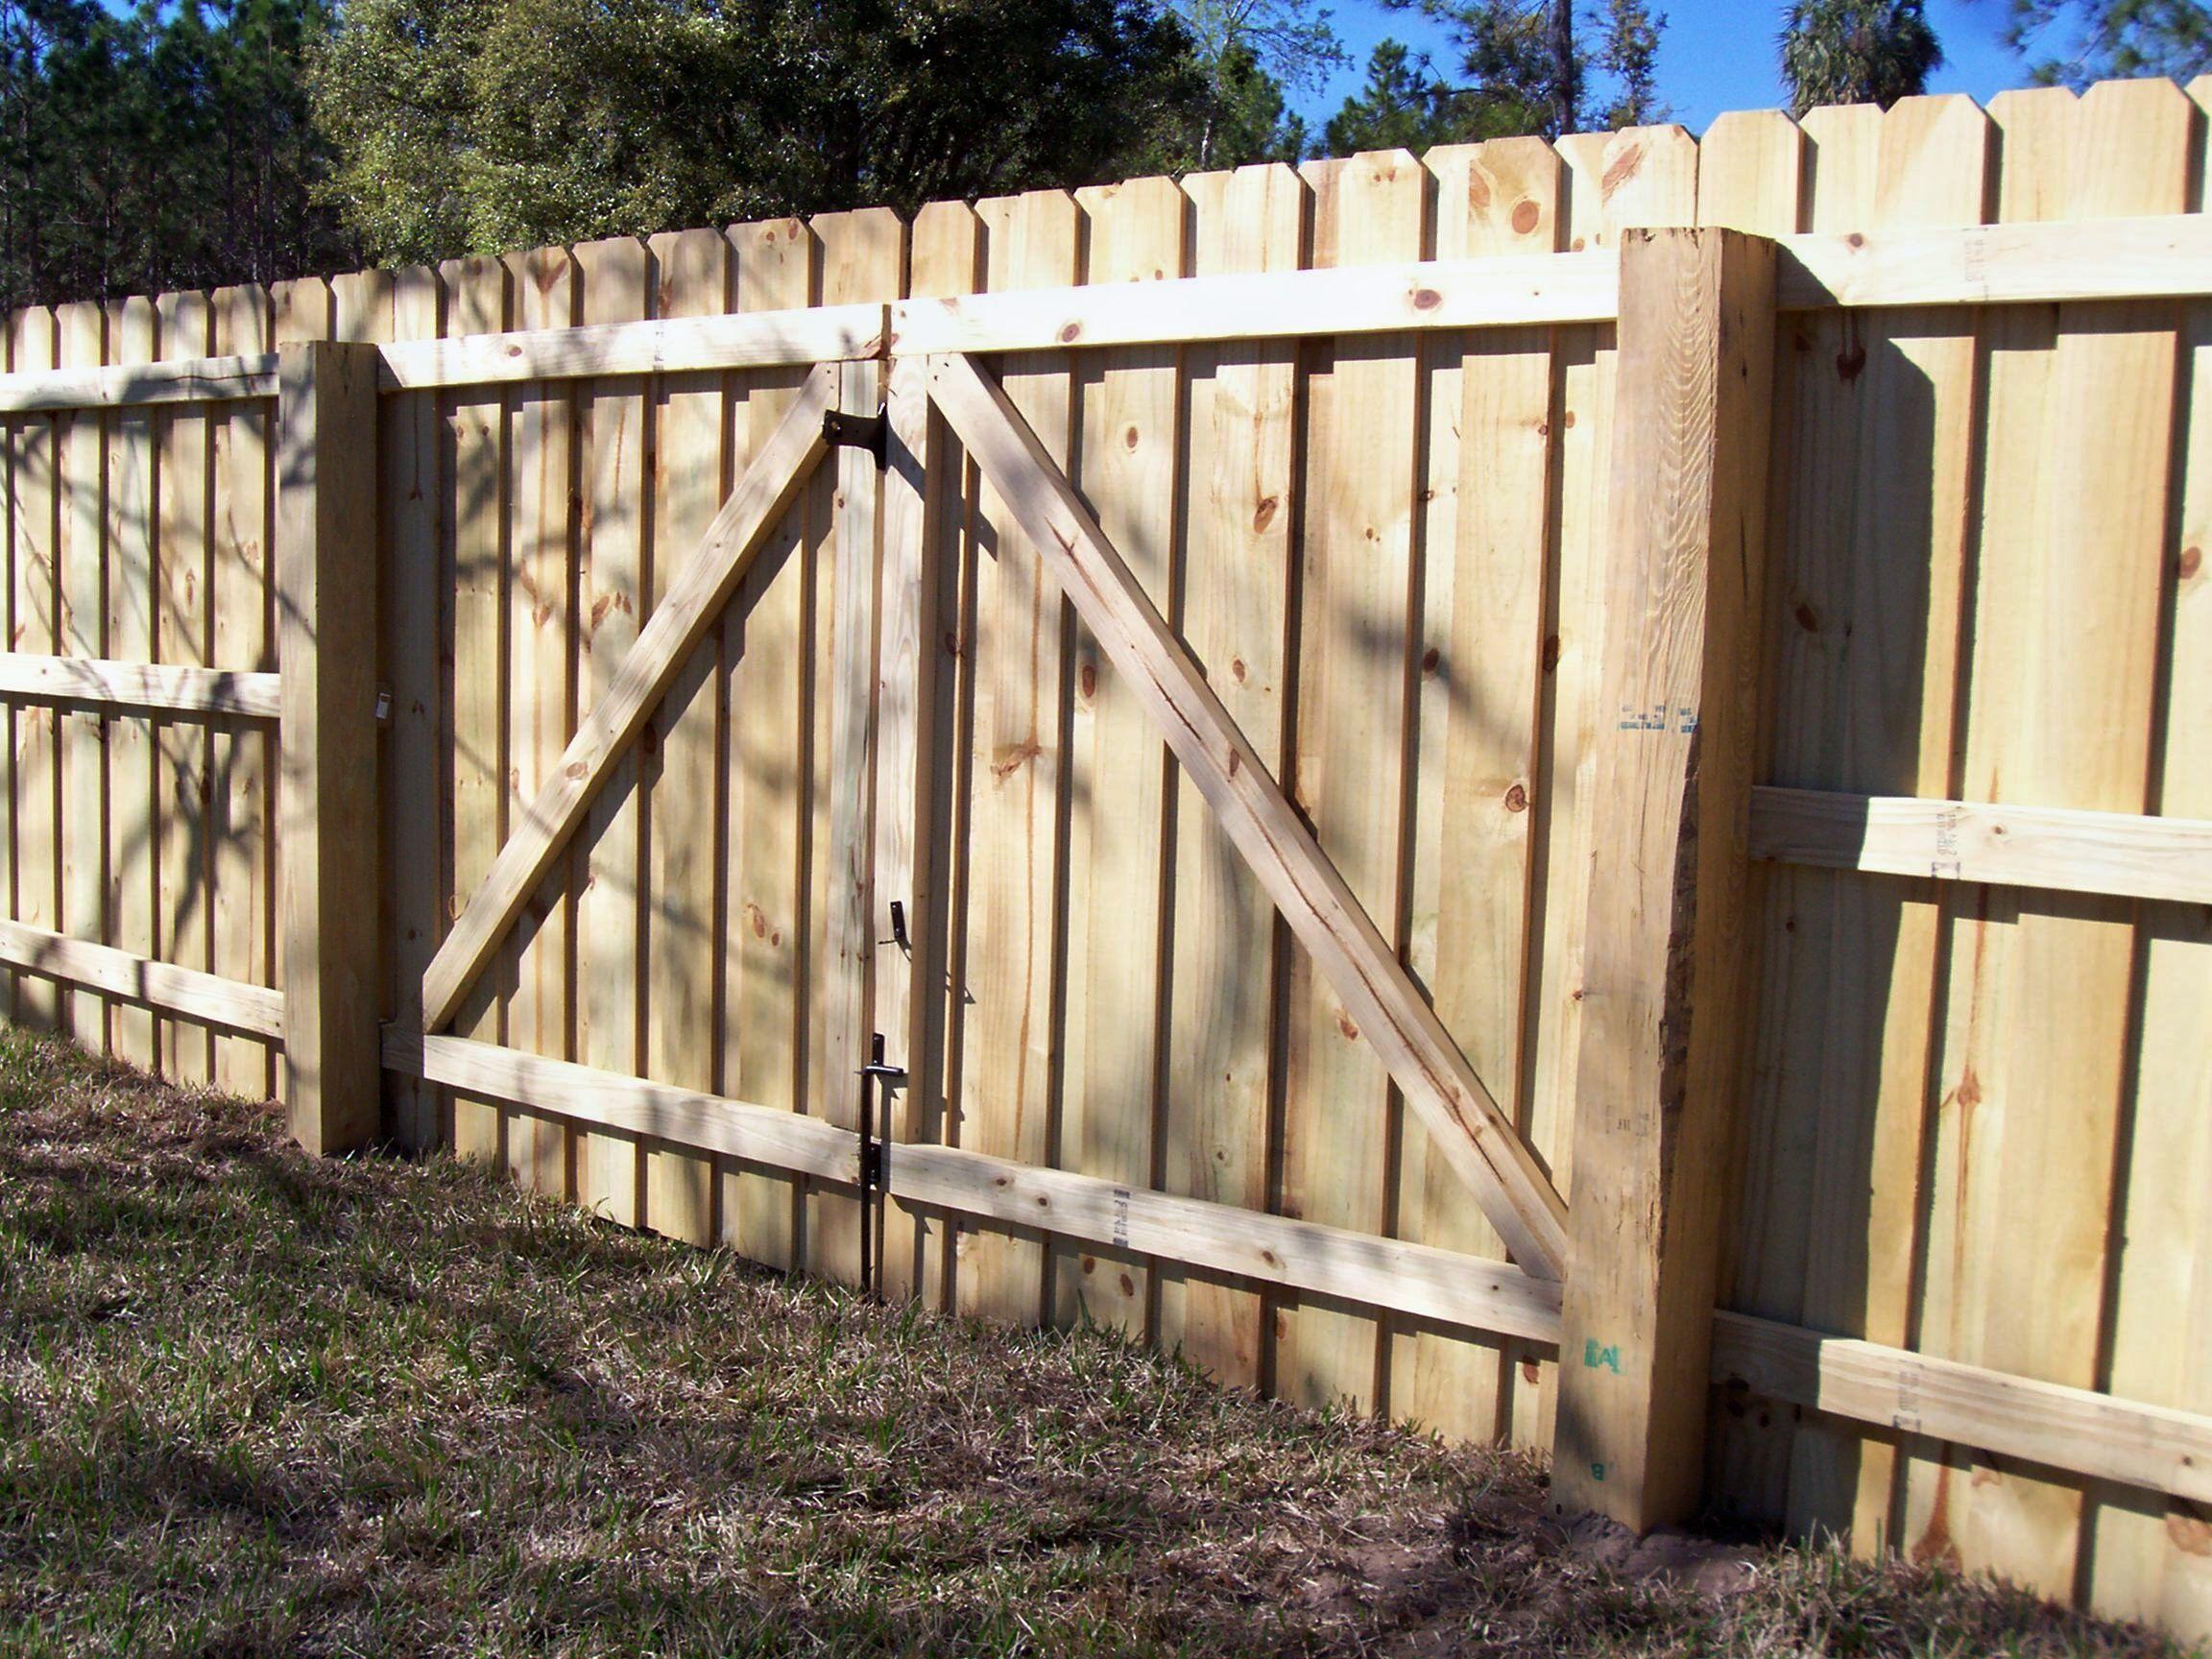 Mossy Oak Fence Wood Fence Design Fence Gate Design Wood